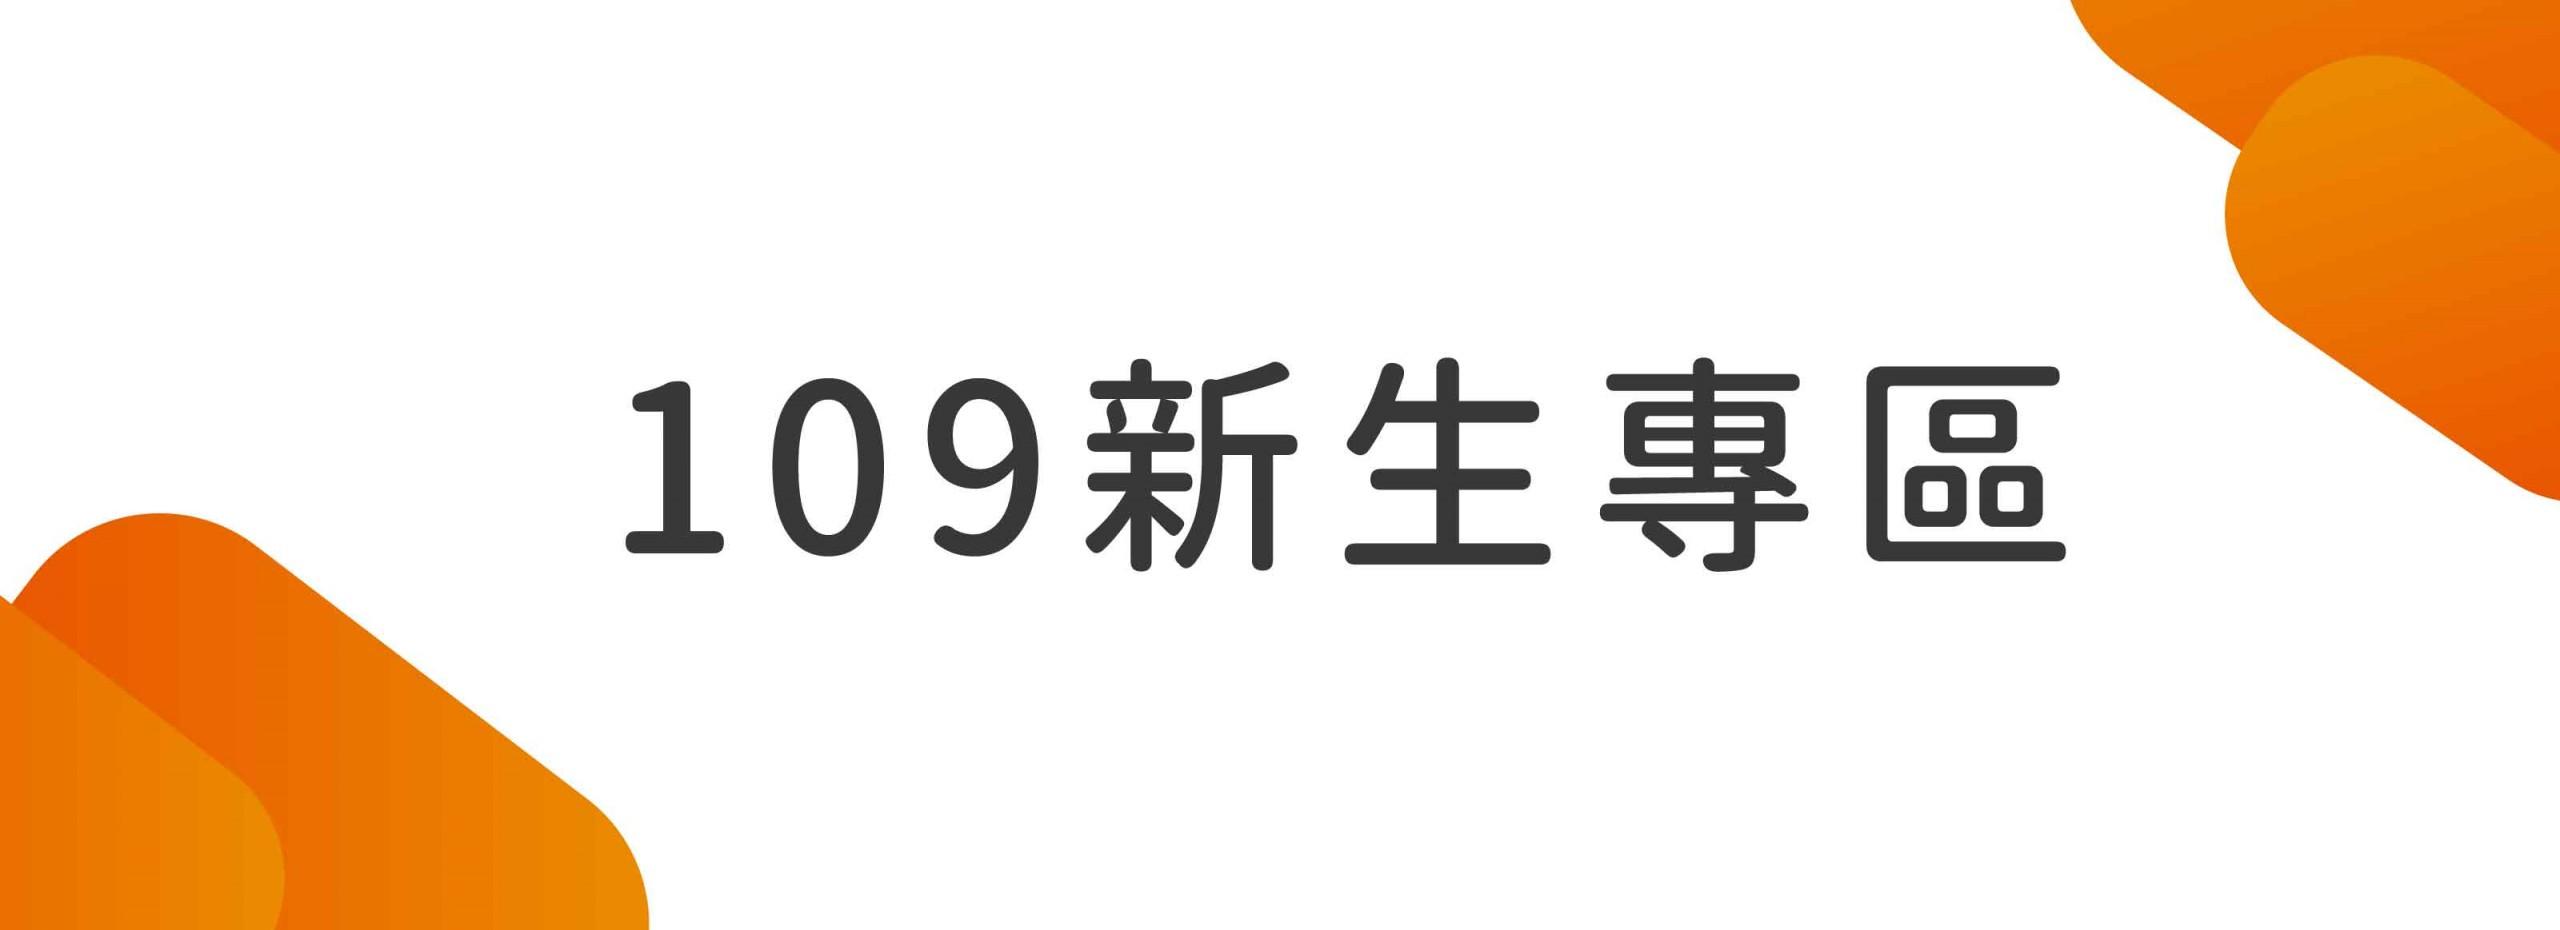 109新生專區